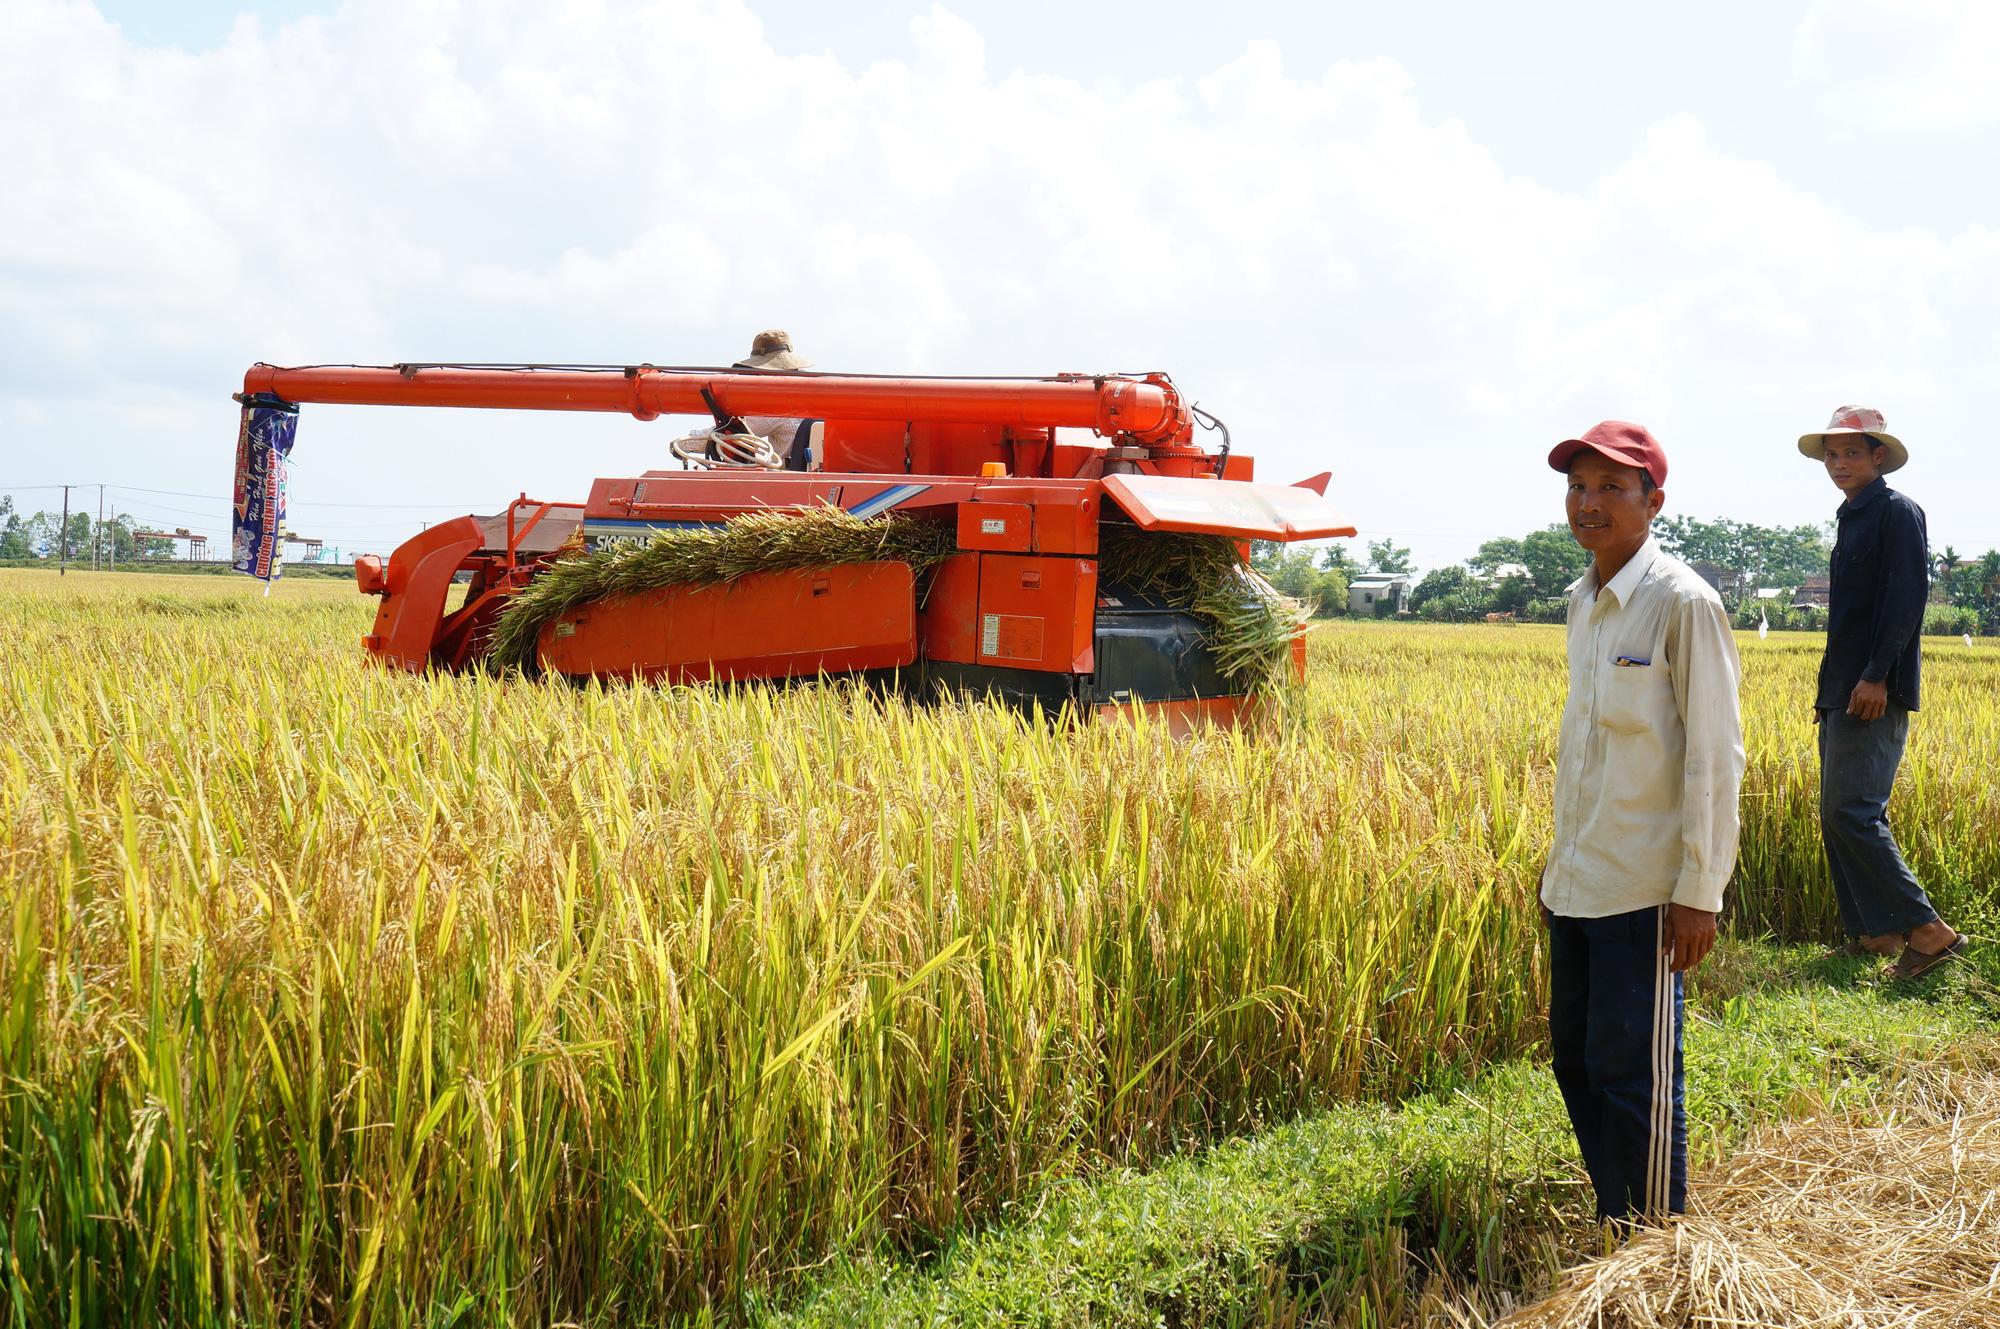 GĐ Sở NNPTNT tỉnh Quảng Nam - Đưa công nghệ cao vào giúp nông dân     - Ảnh 5.